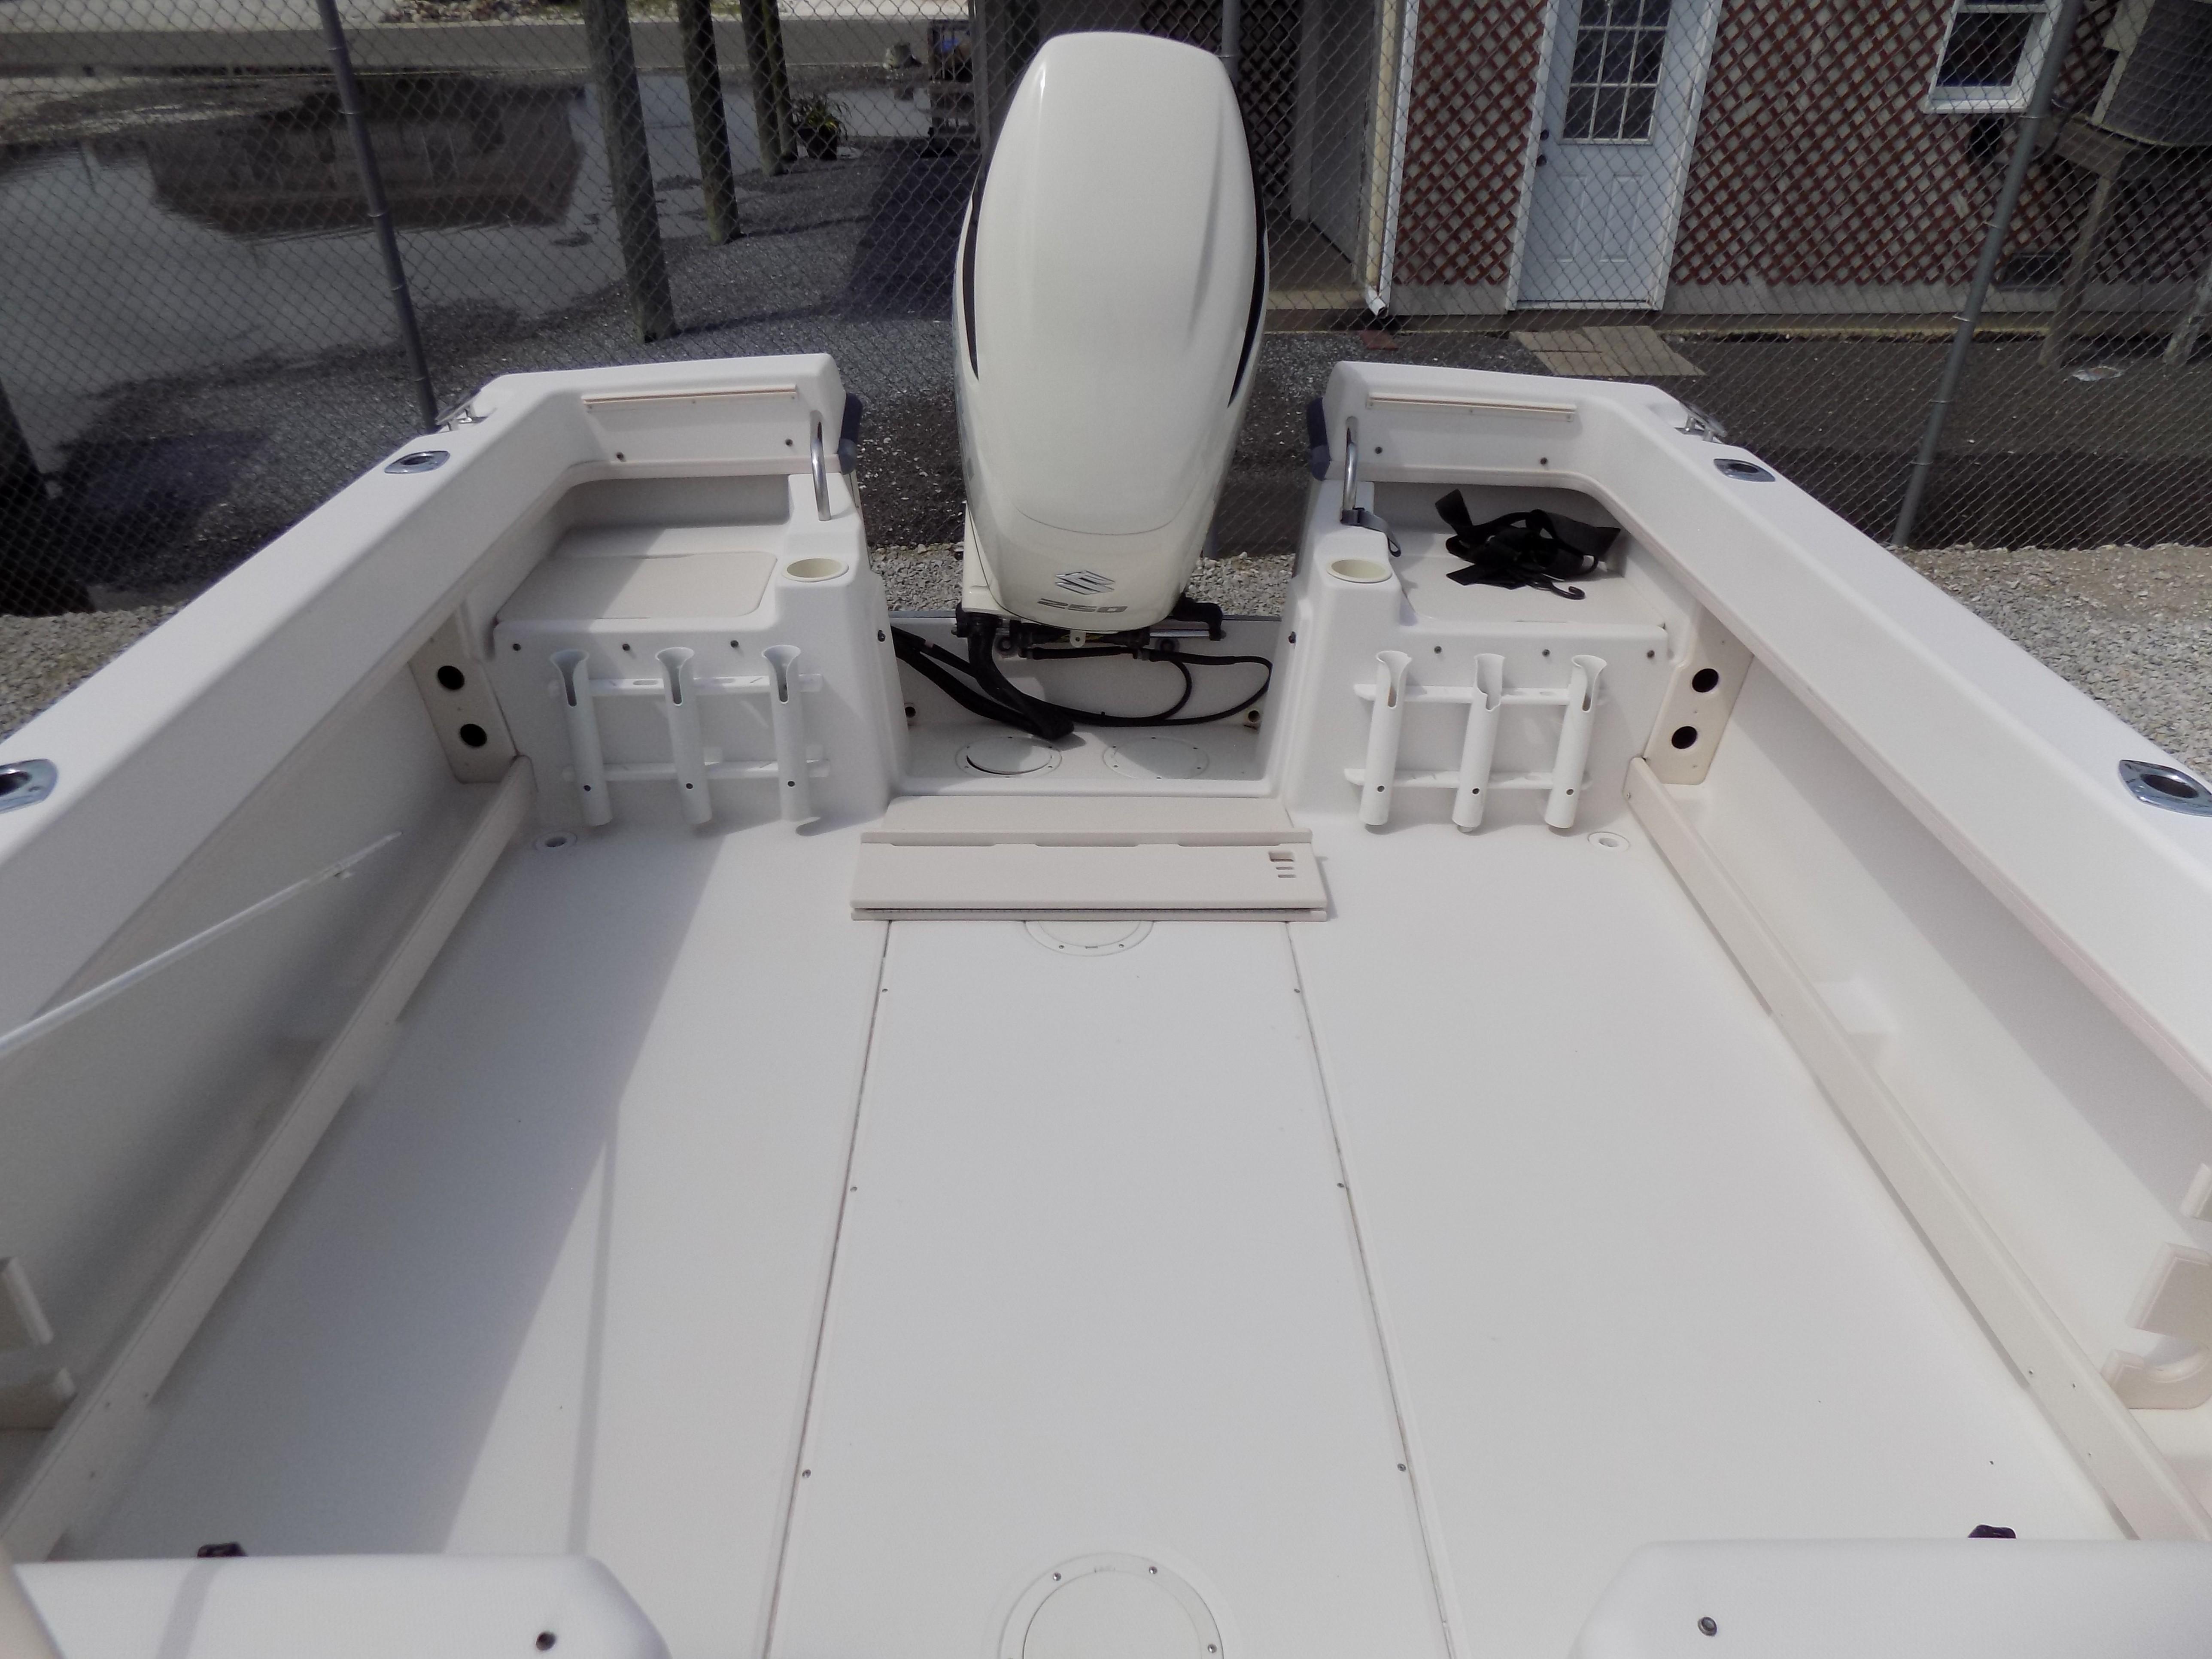 Grady-White 226 Seafarer WA